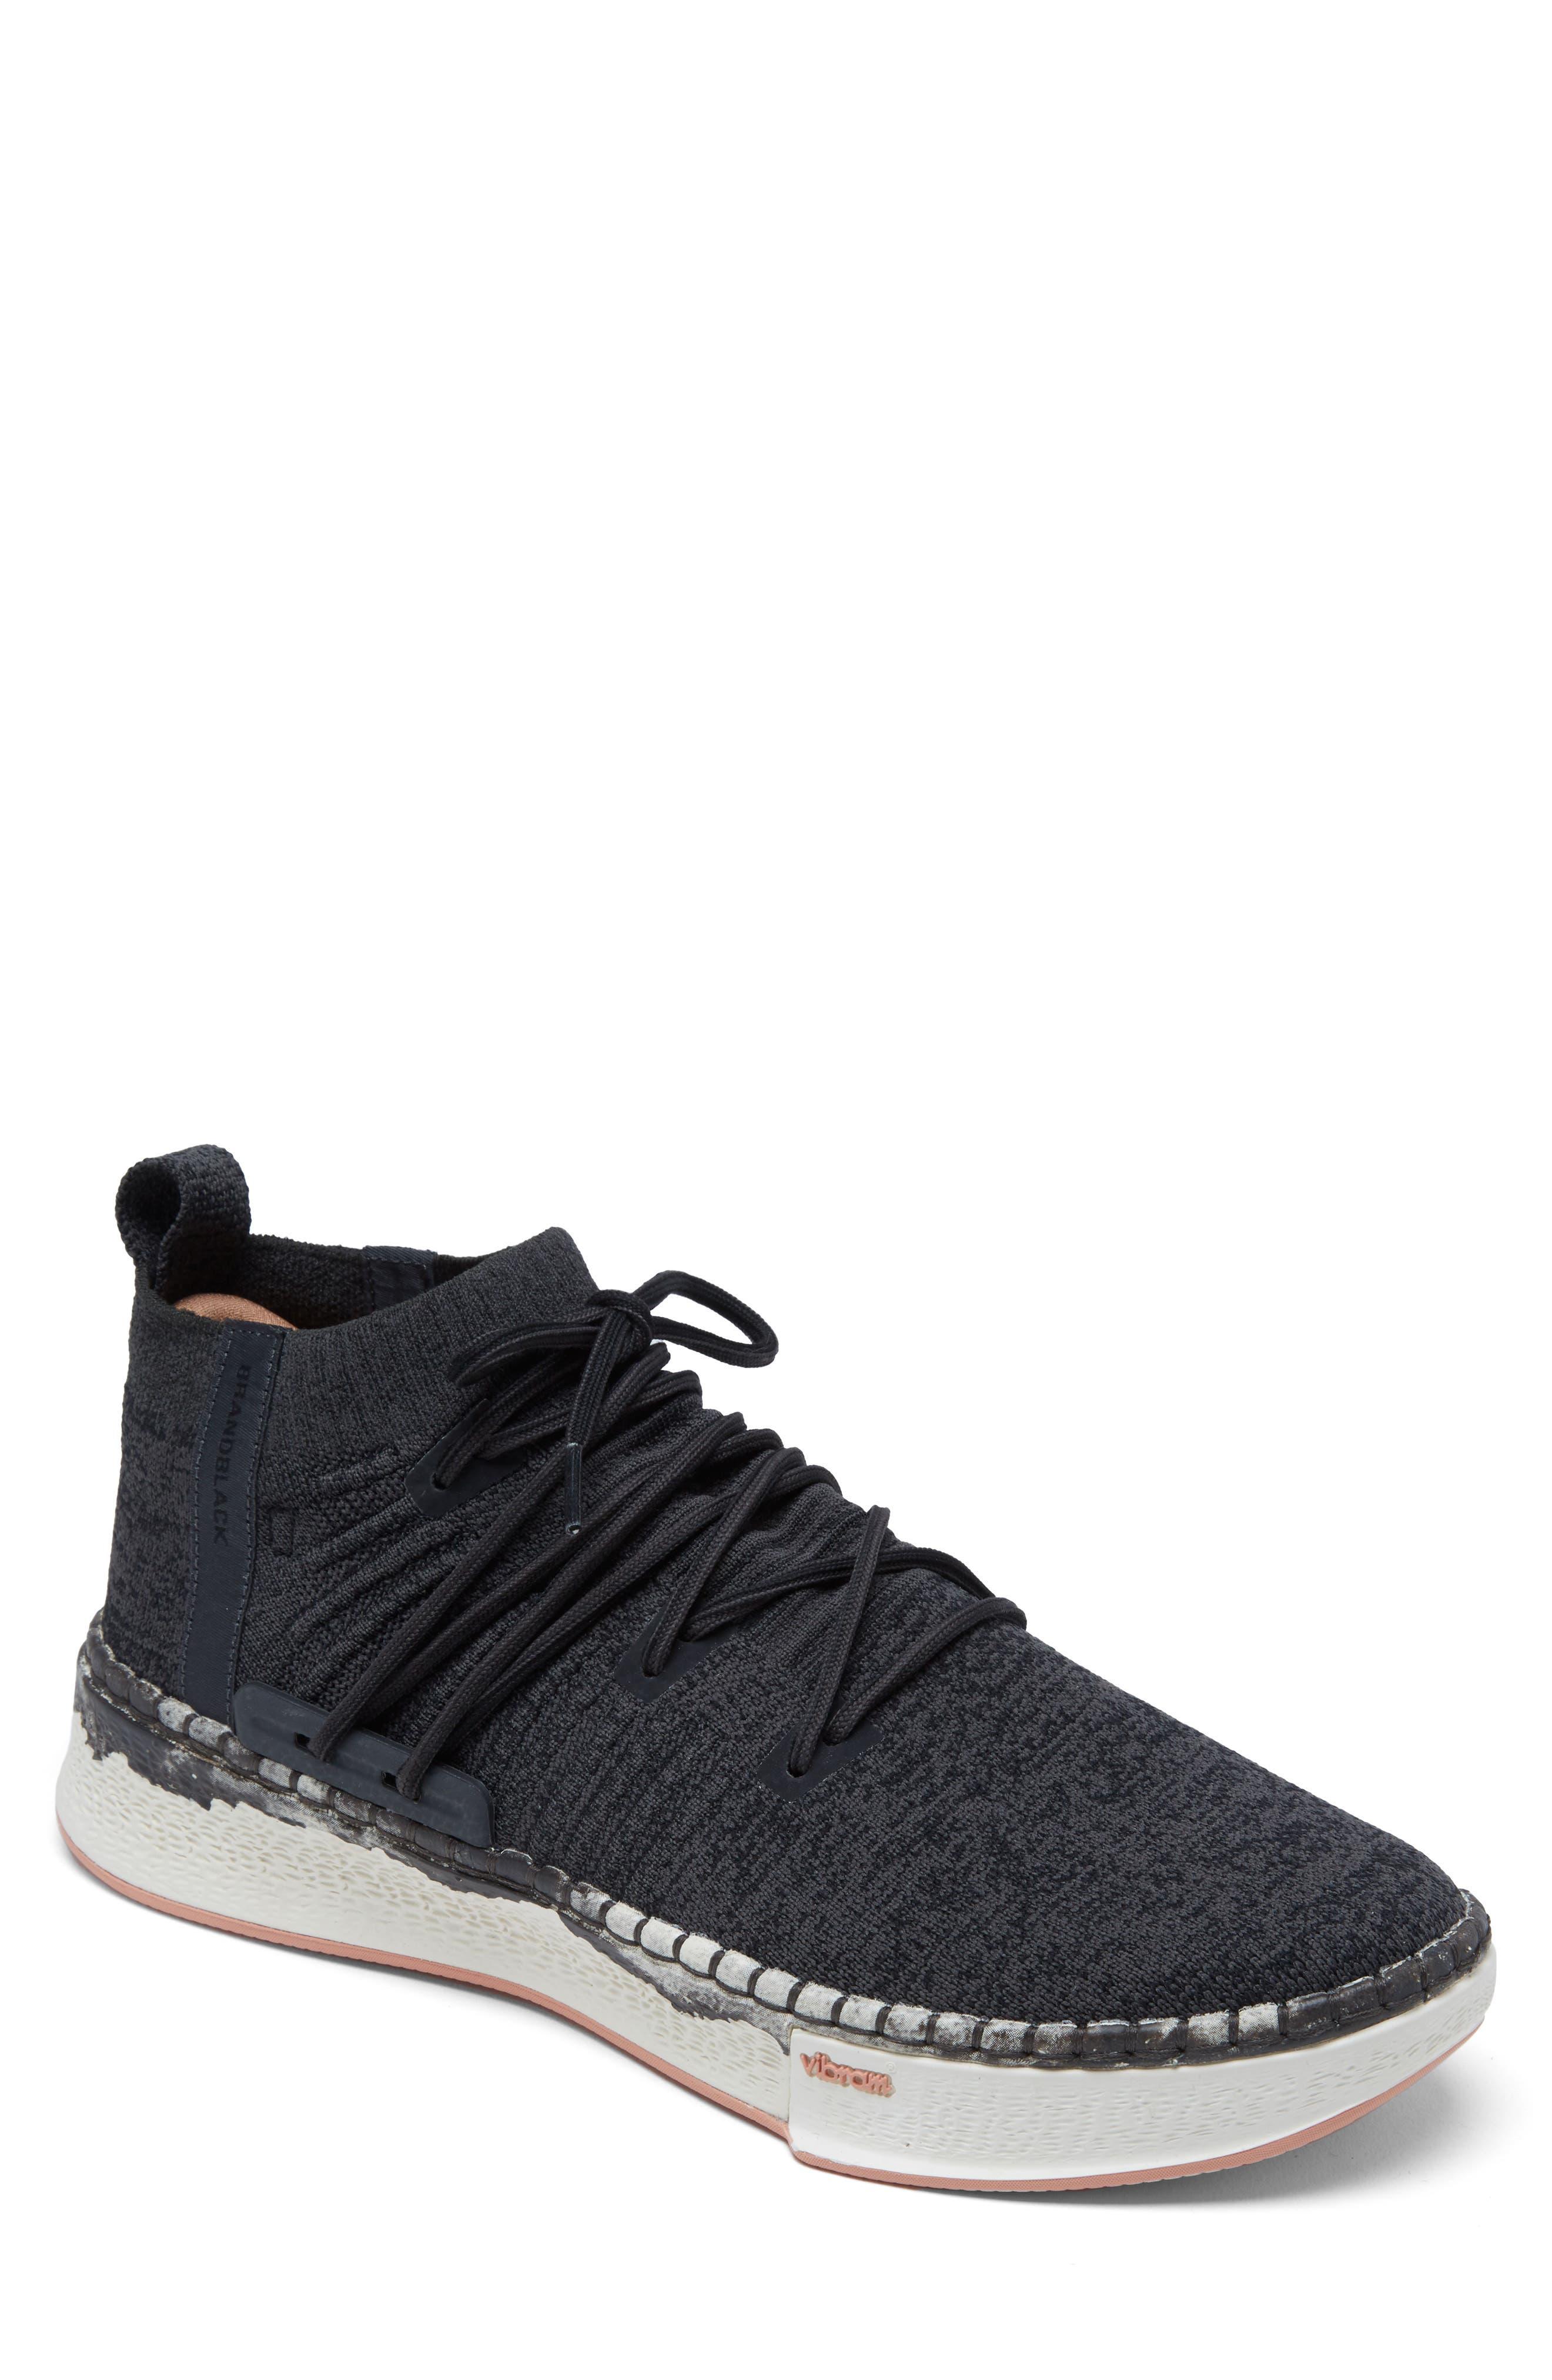 Delta Shibori Sneaker,                             Main thumbnail 1, color,                             011